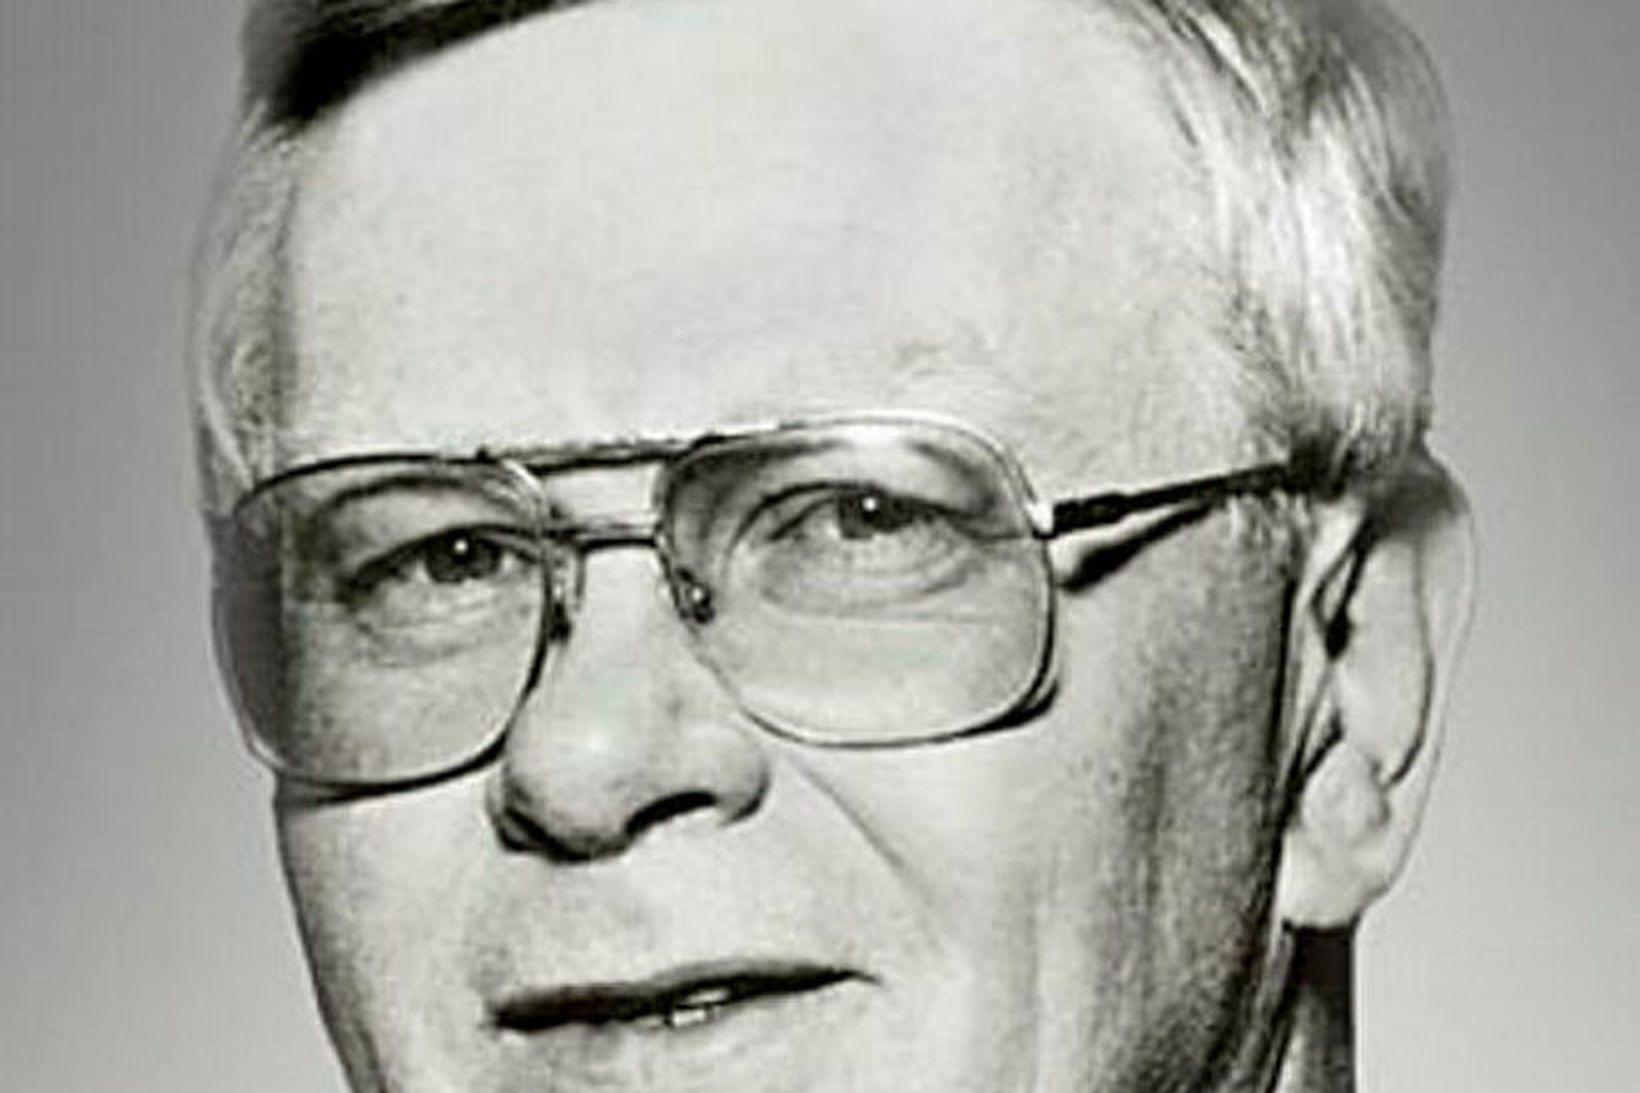 Gunnar B. Eydal